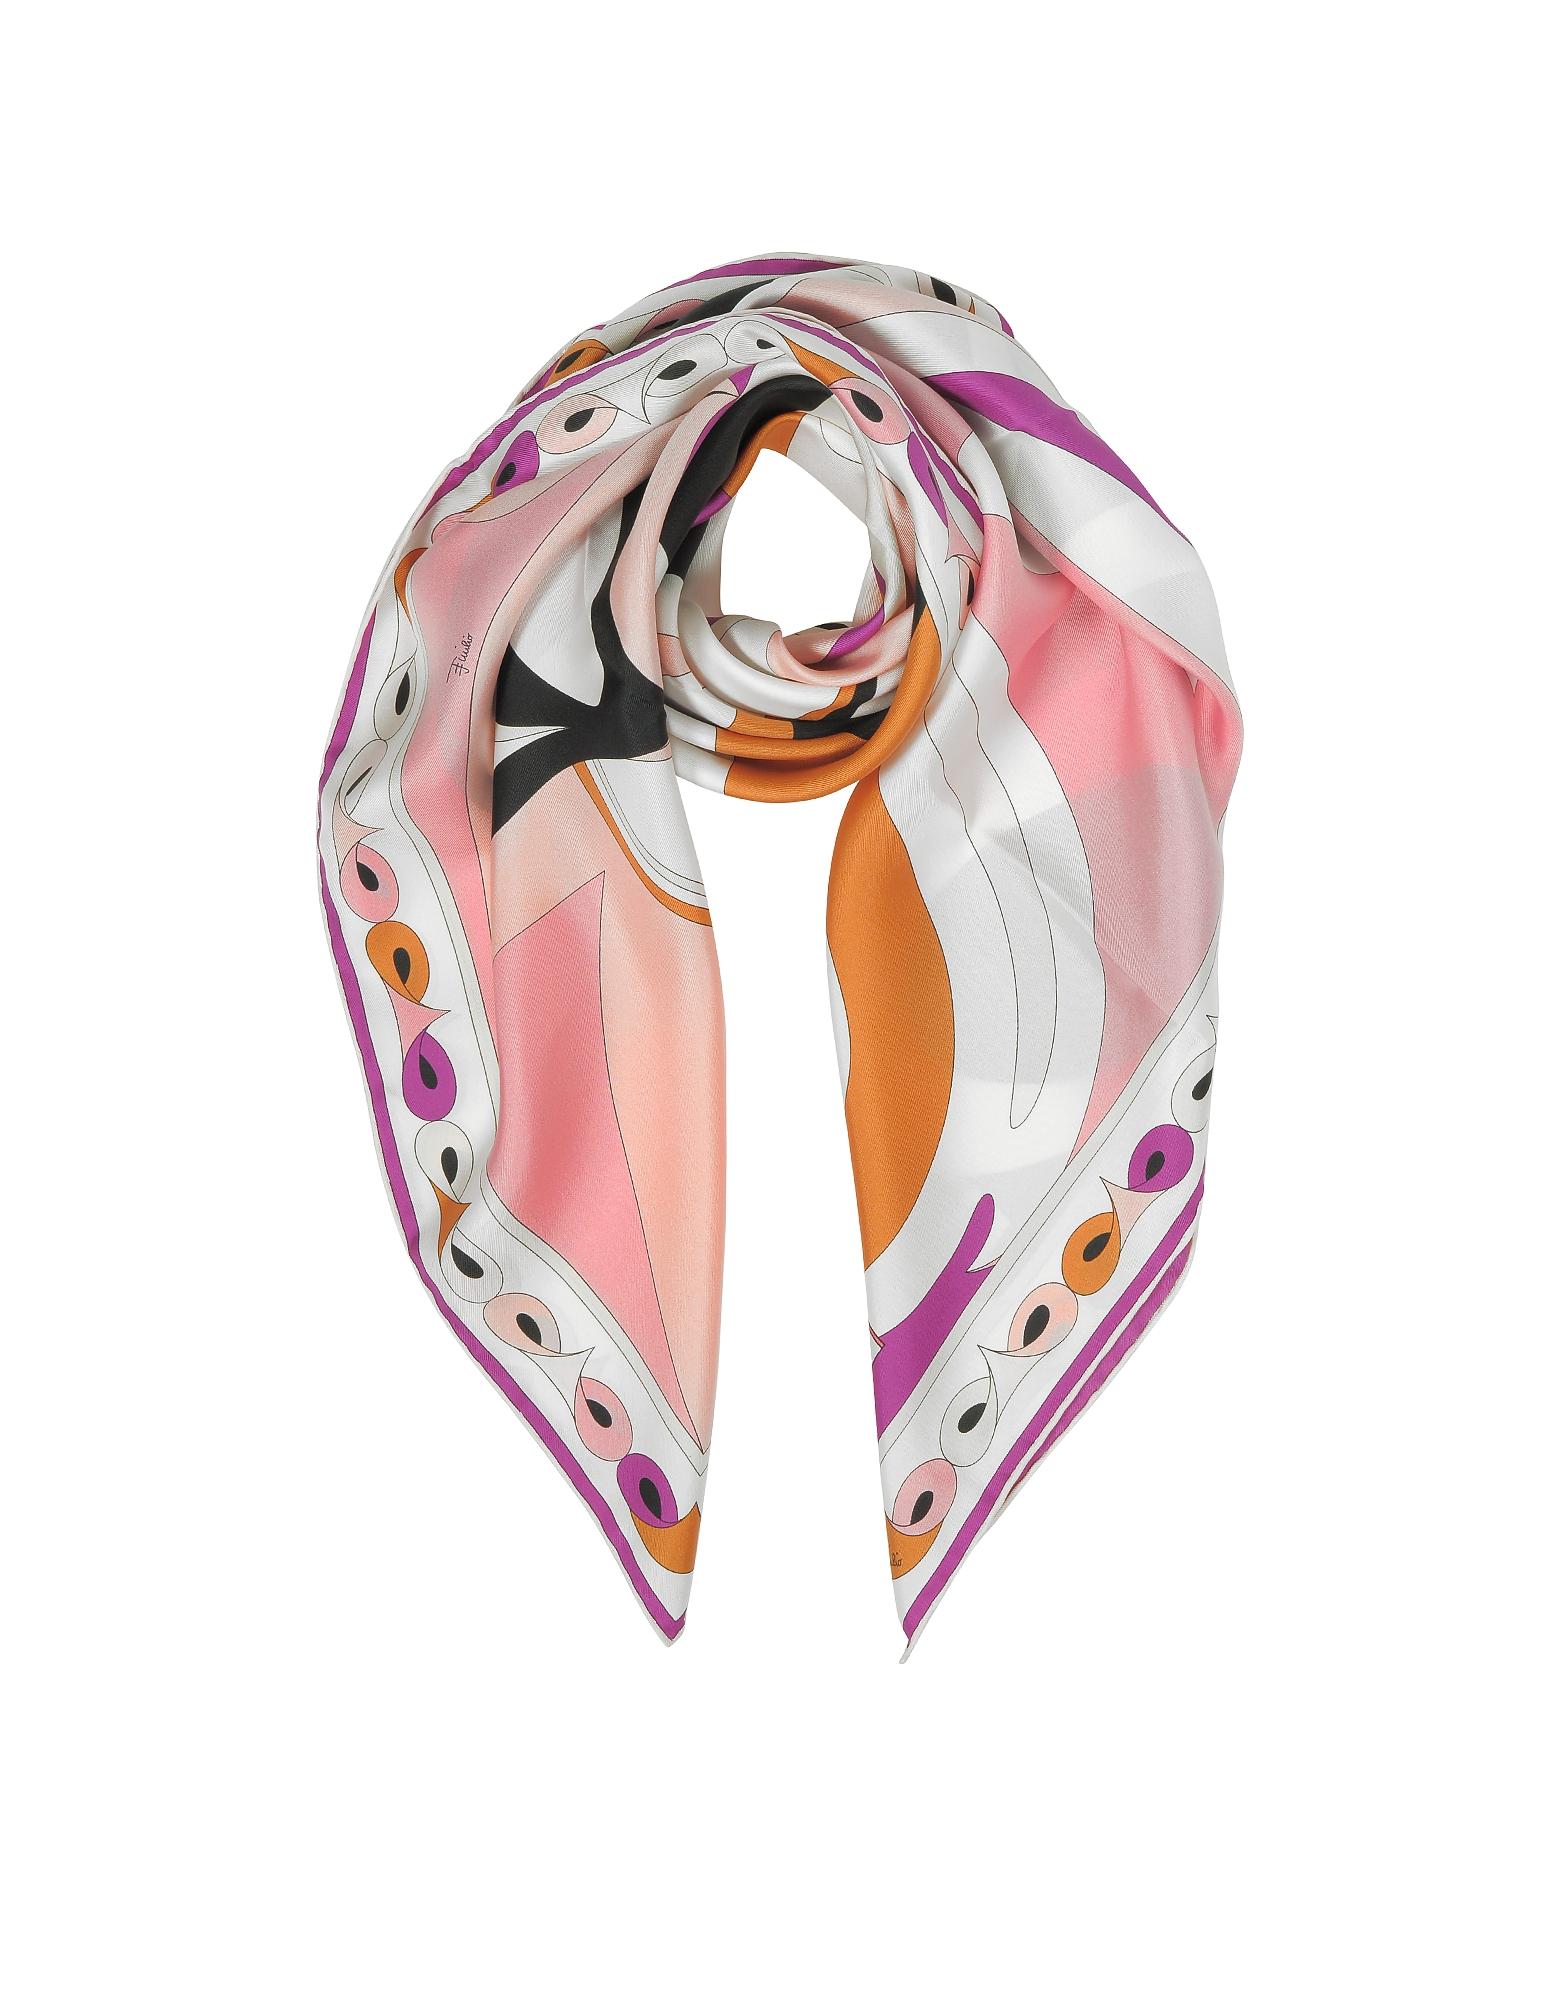 Emilio Pucci Square Scarves, Optical Print Twill Silk Square Scarf